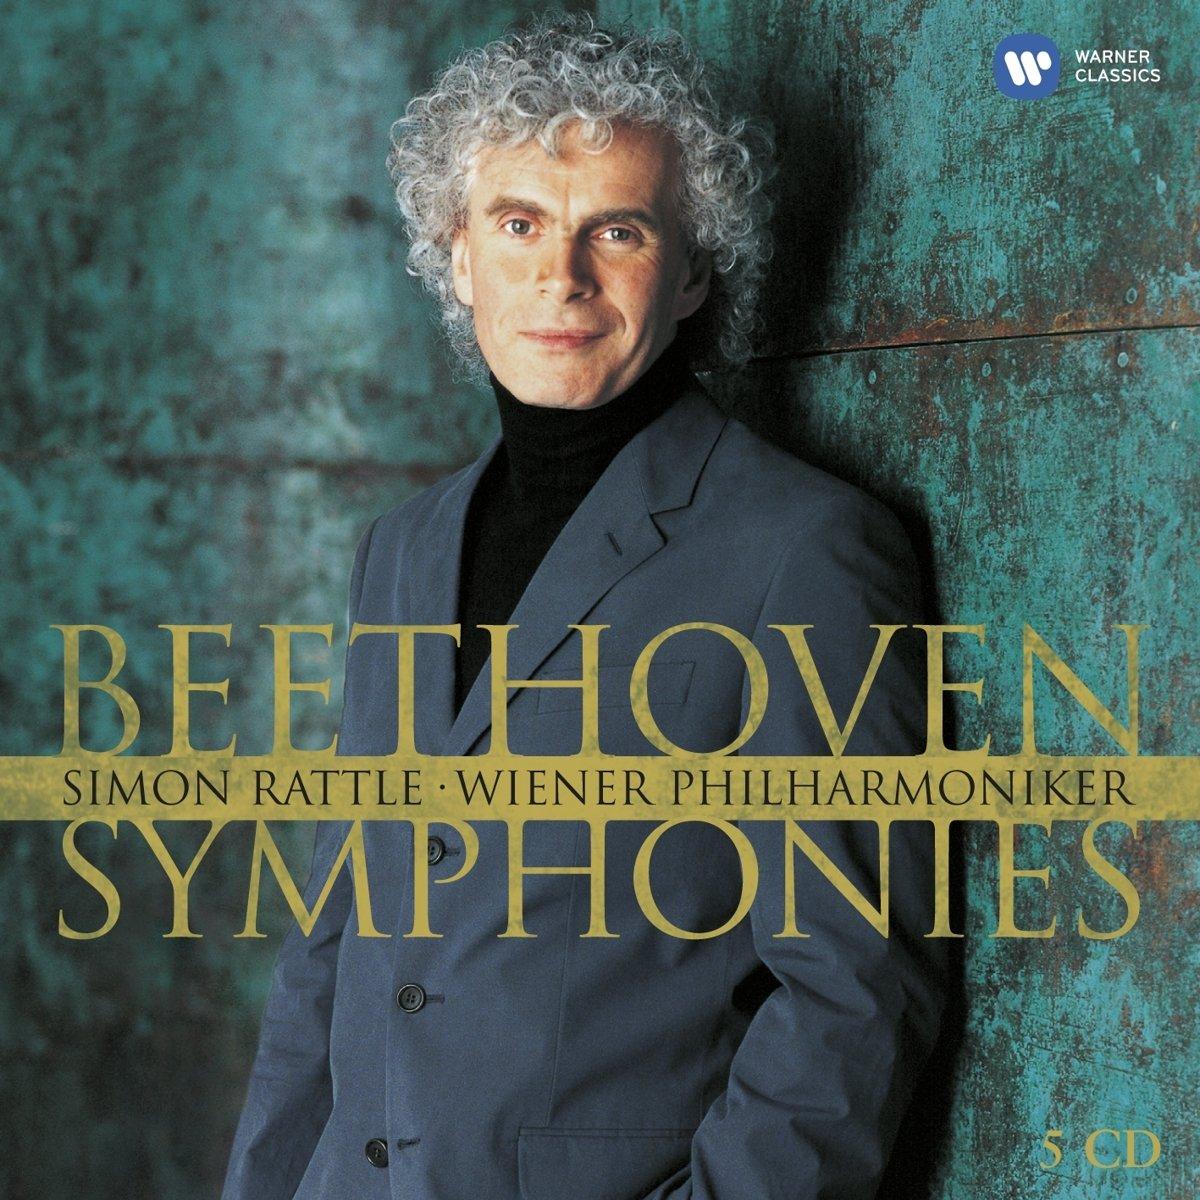 Decepción grabaciones sinfonias beethoven por Rattle 81-TDTVngiL._SL1200_